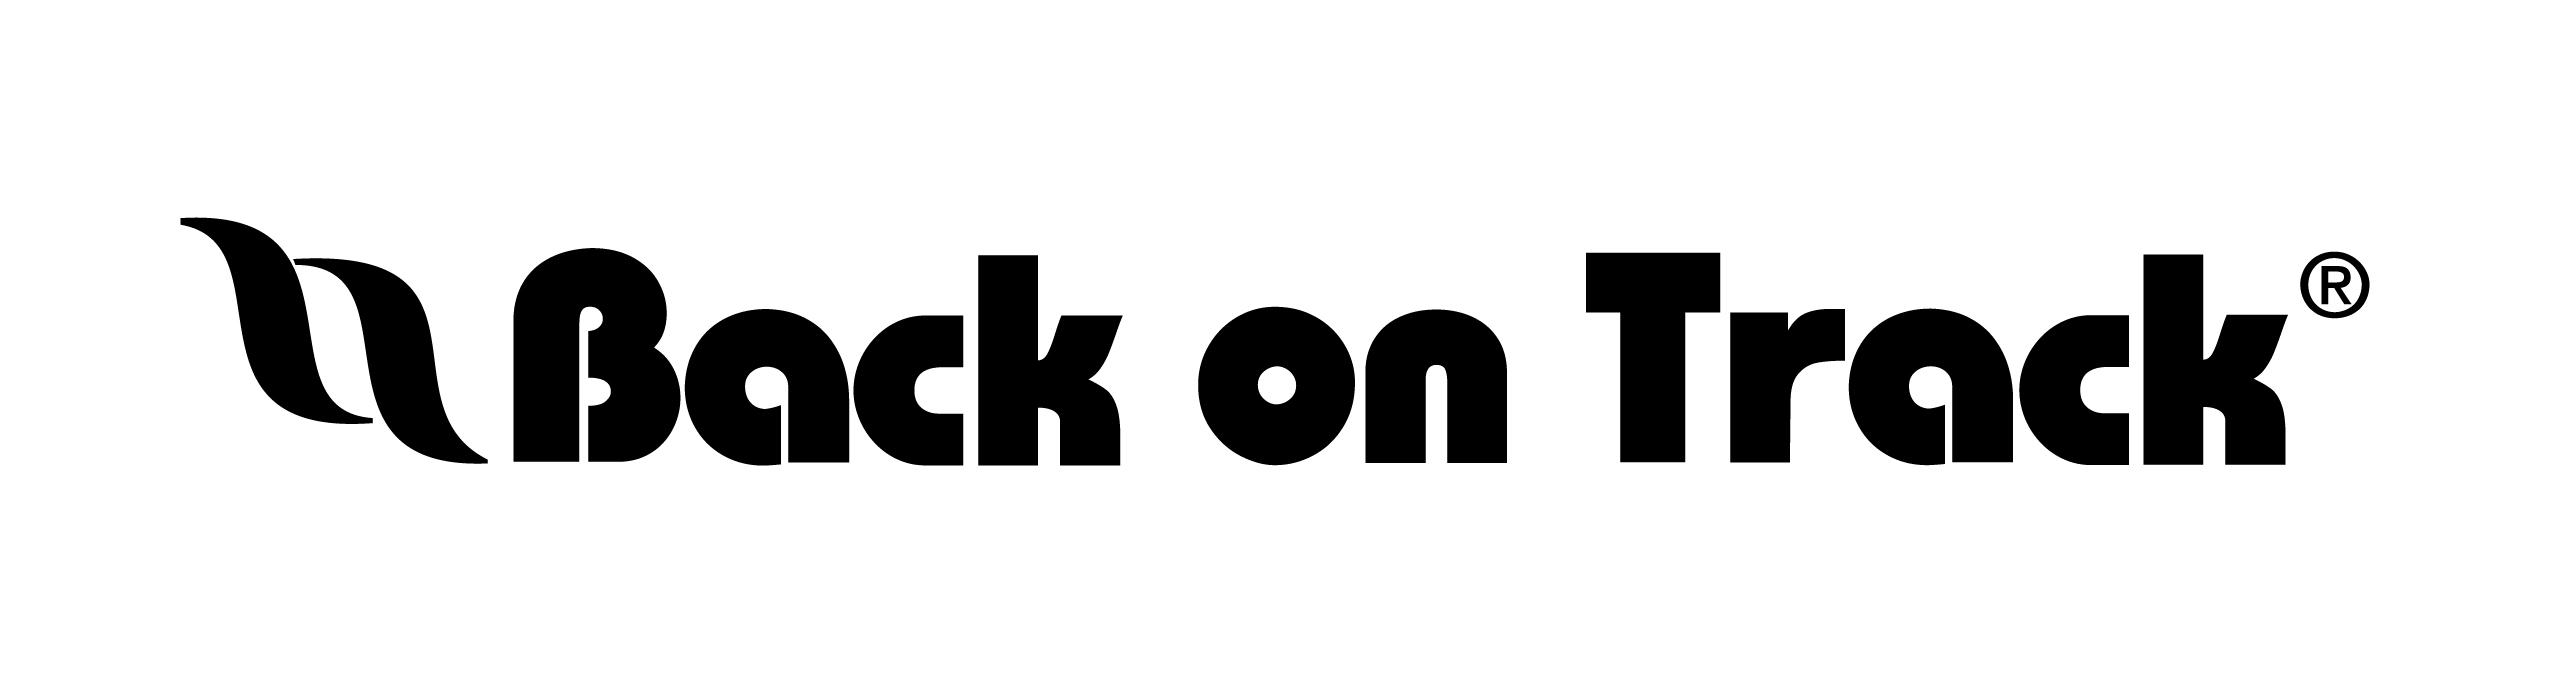 BackOnTrack-Logo